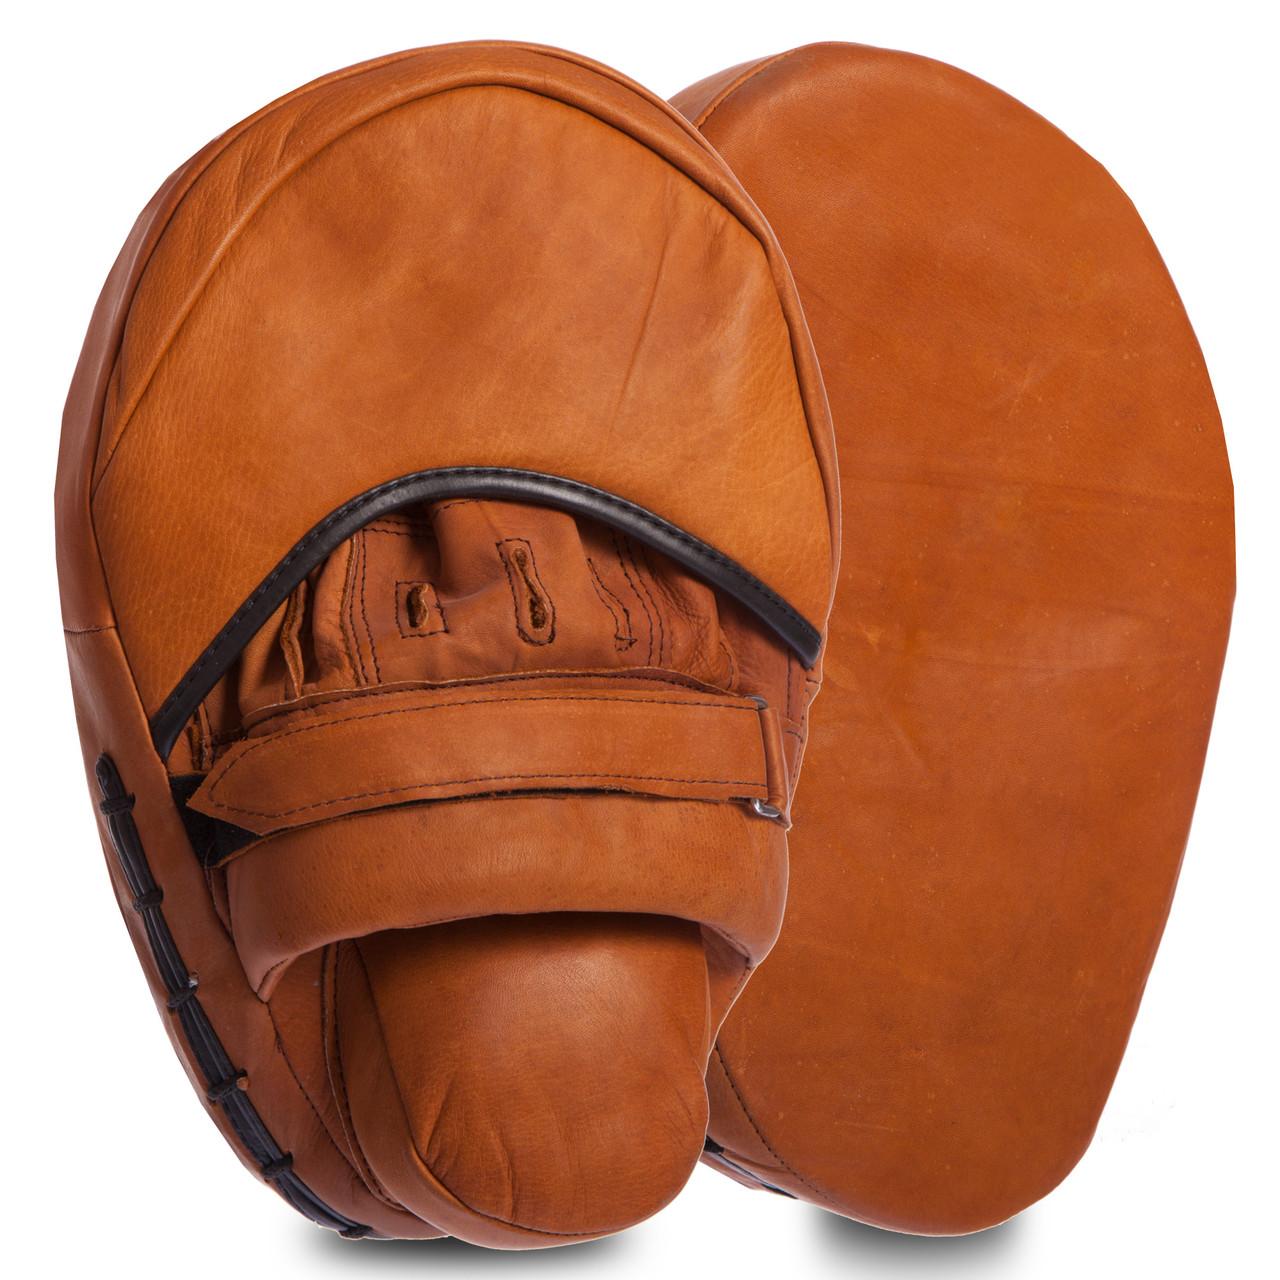 Лапа Прямая кожаная (2шт) VINTAGE Coaching Pads (крепление на липучке, р-р 31х20х9см, коричневый)